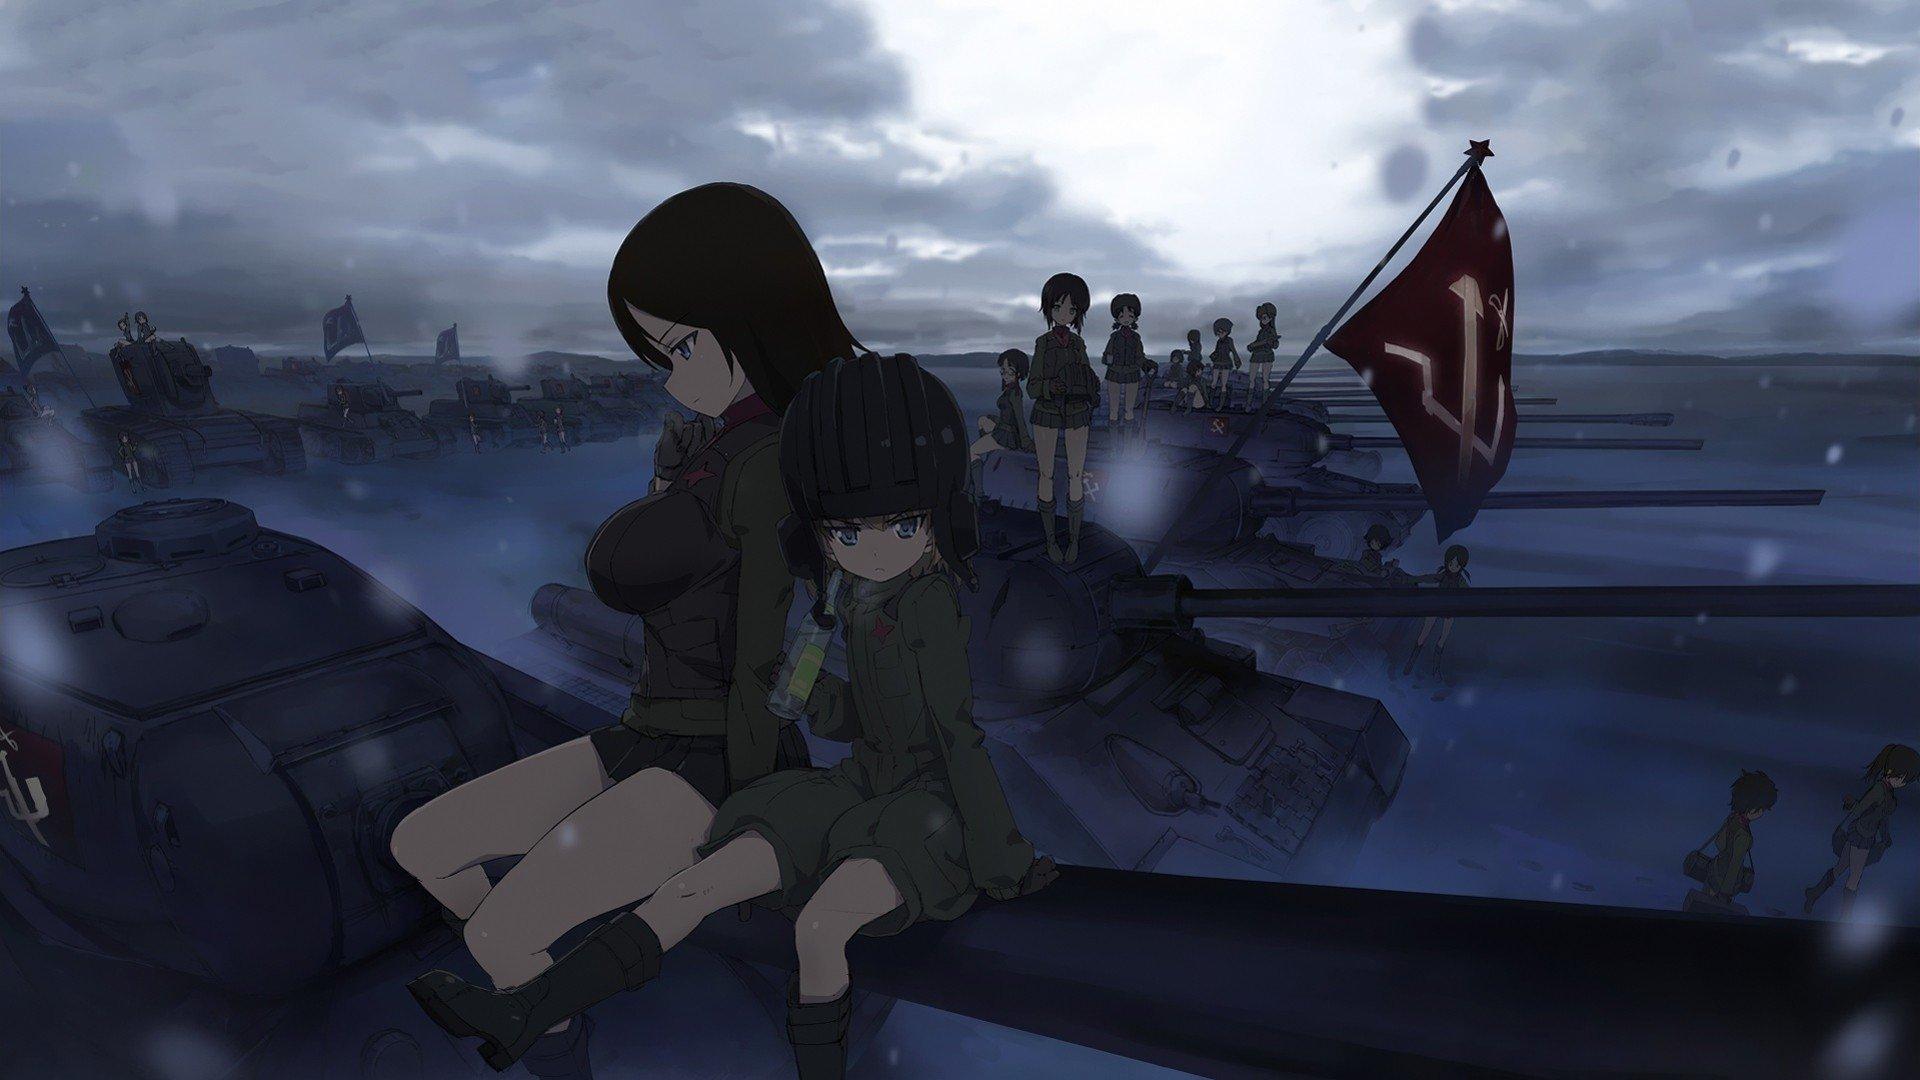 Girls Und Panzer Katyusha Wallpaper Girls Und Panzer Hd Wallpaper Background Image